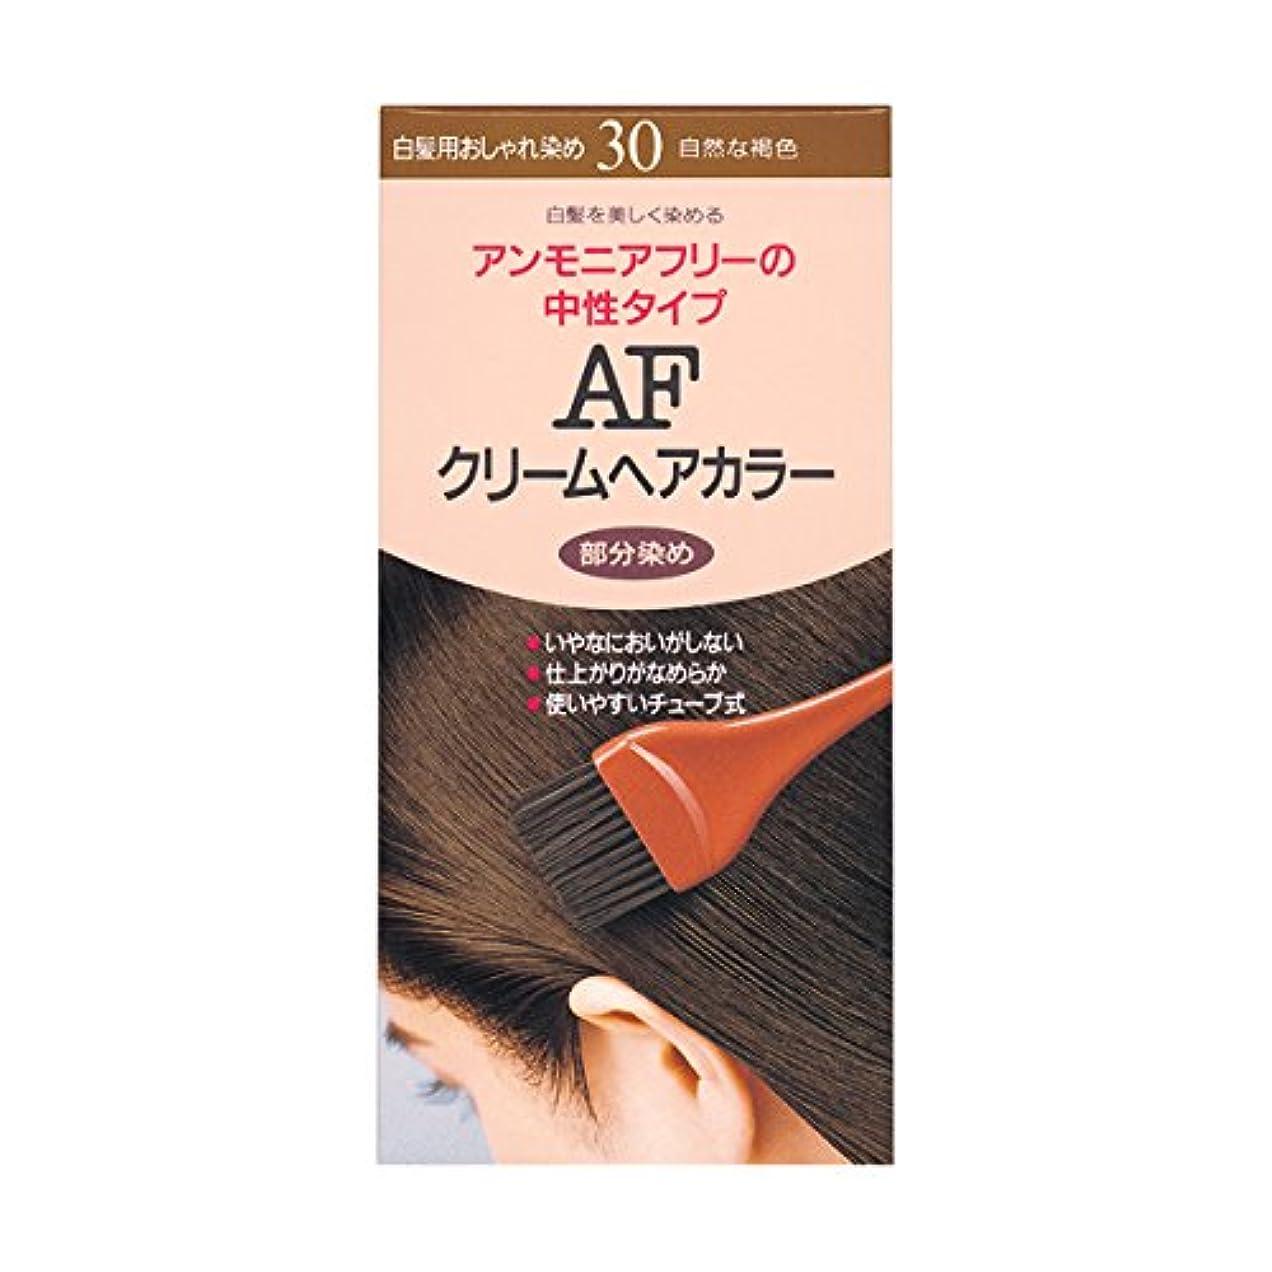 発行バブルワゴンヘアカラー AFクリームヘアカラー 30 【医薬部外品】